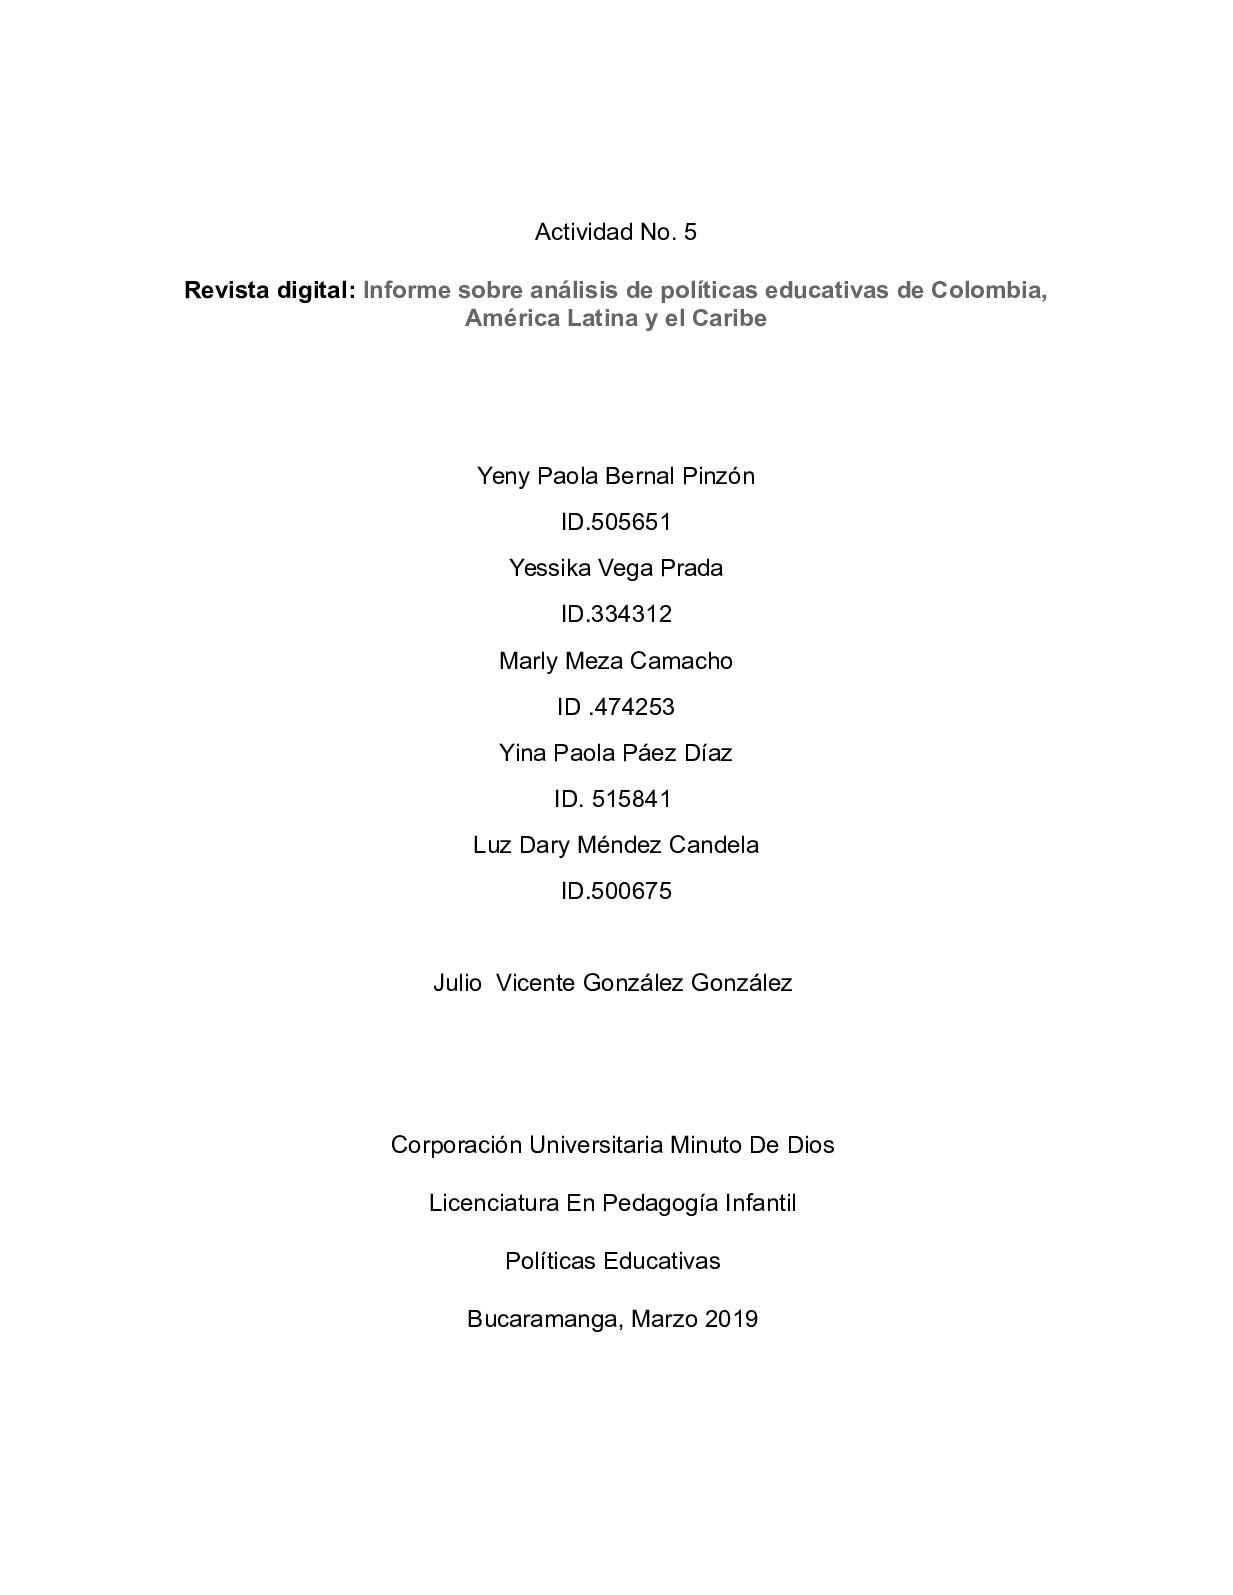 Actividad Comparacion Entre Argentina Y Colombia